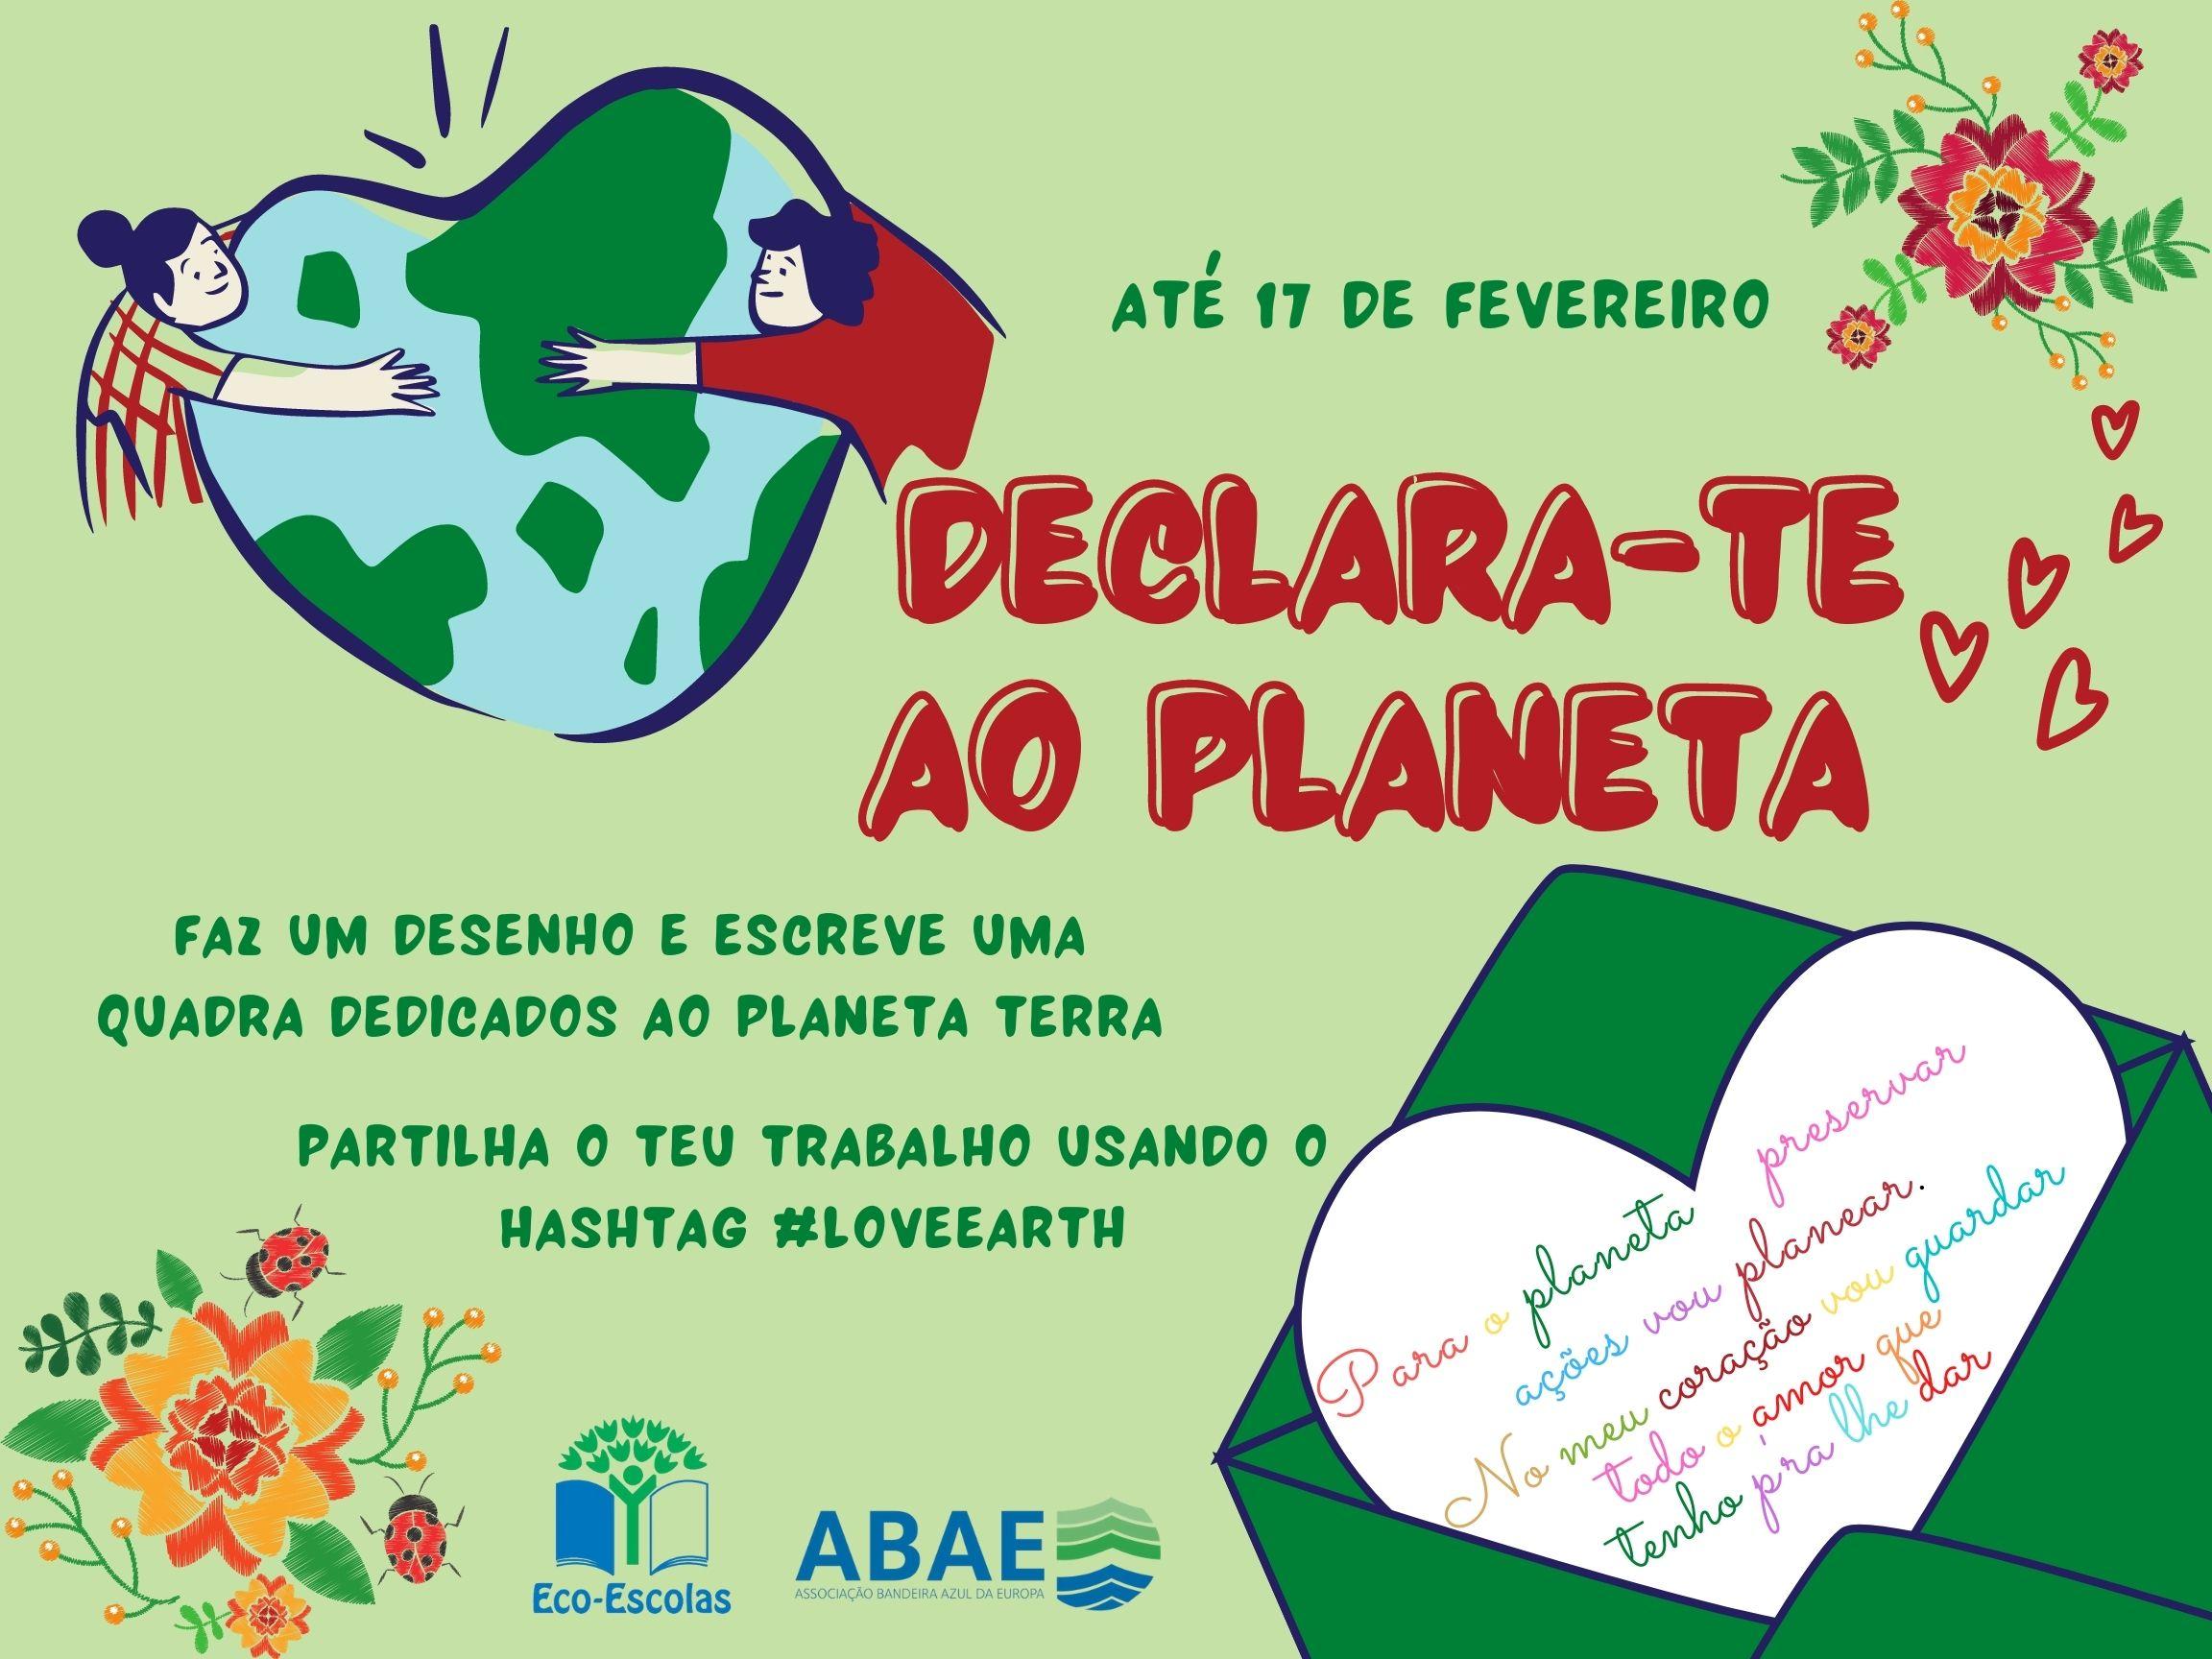 Declara-te-ao-planeta-1